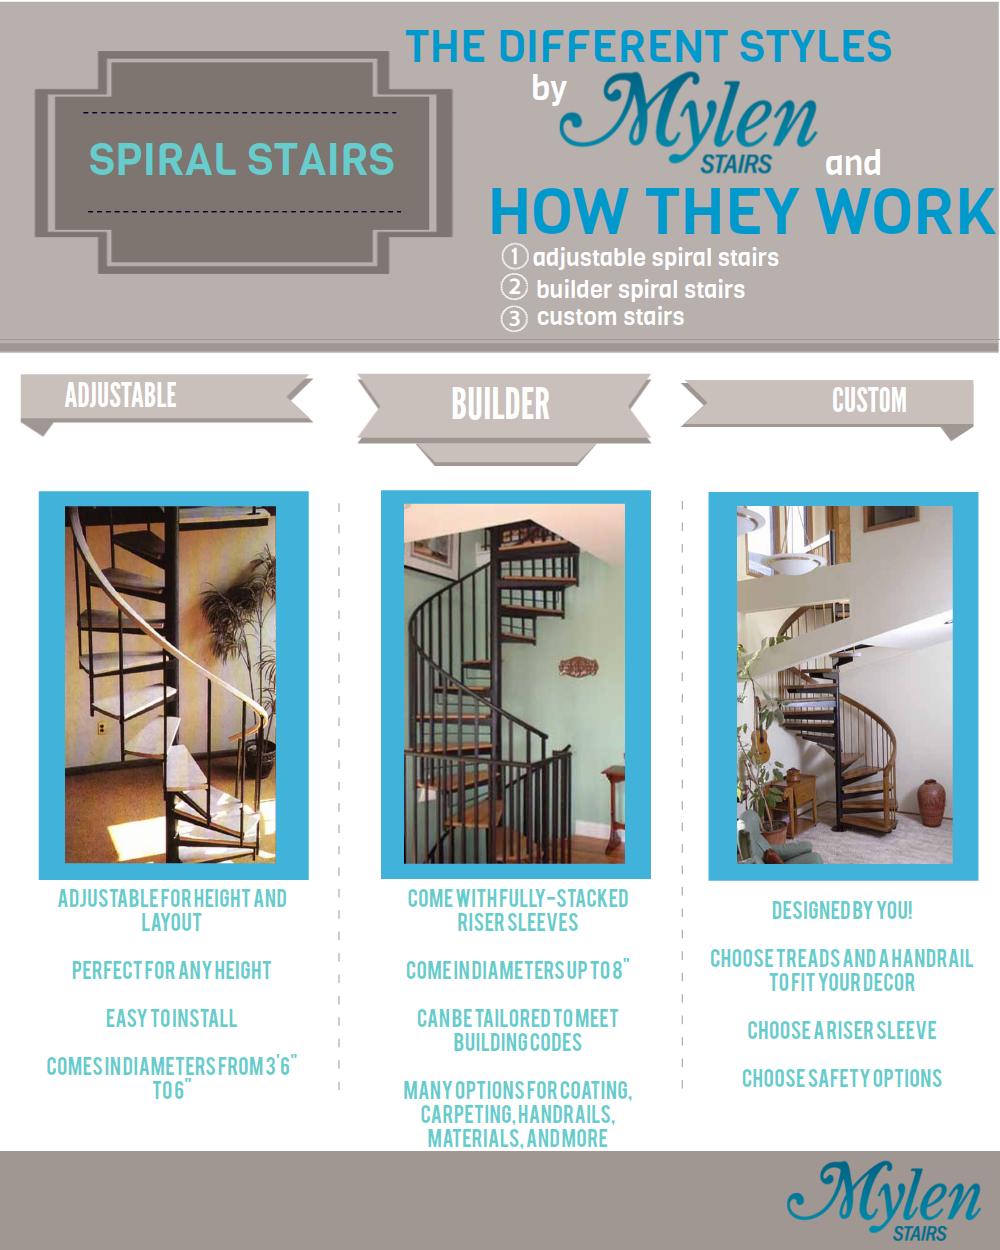 Best Mylen Stairs Infographic The Different Styles By Mylen 400 x 300